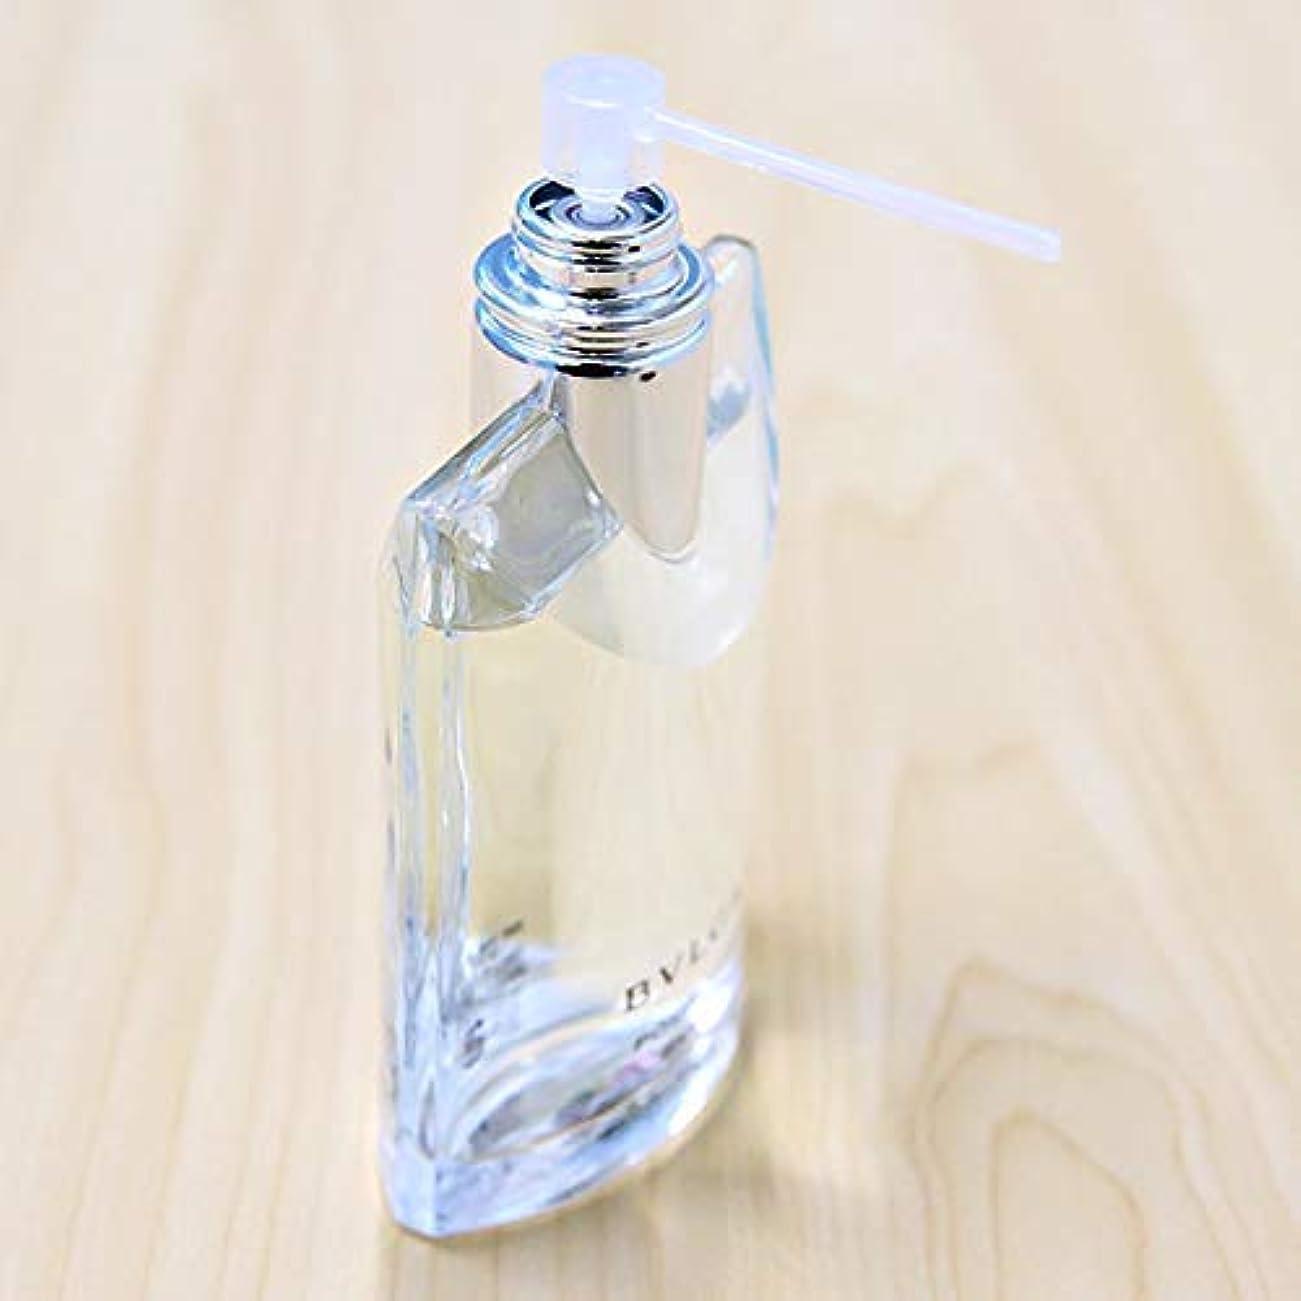 【単品】 香水 詰め替え ノズル アトマイザー 簡単 詰め替え プッシュ ポンプ ストロー スプレーボトル